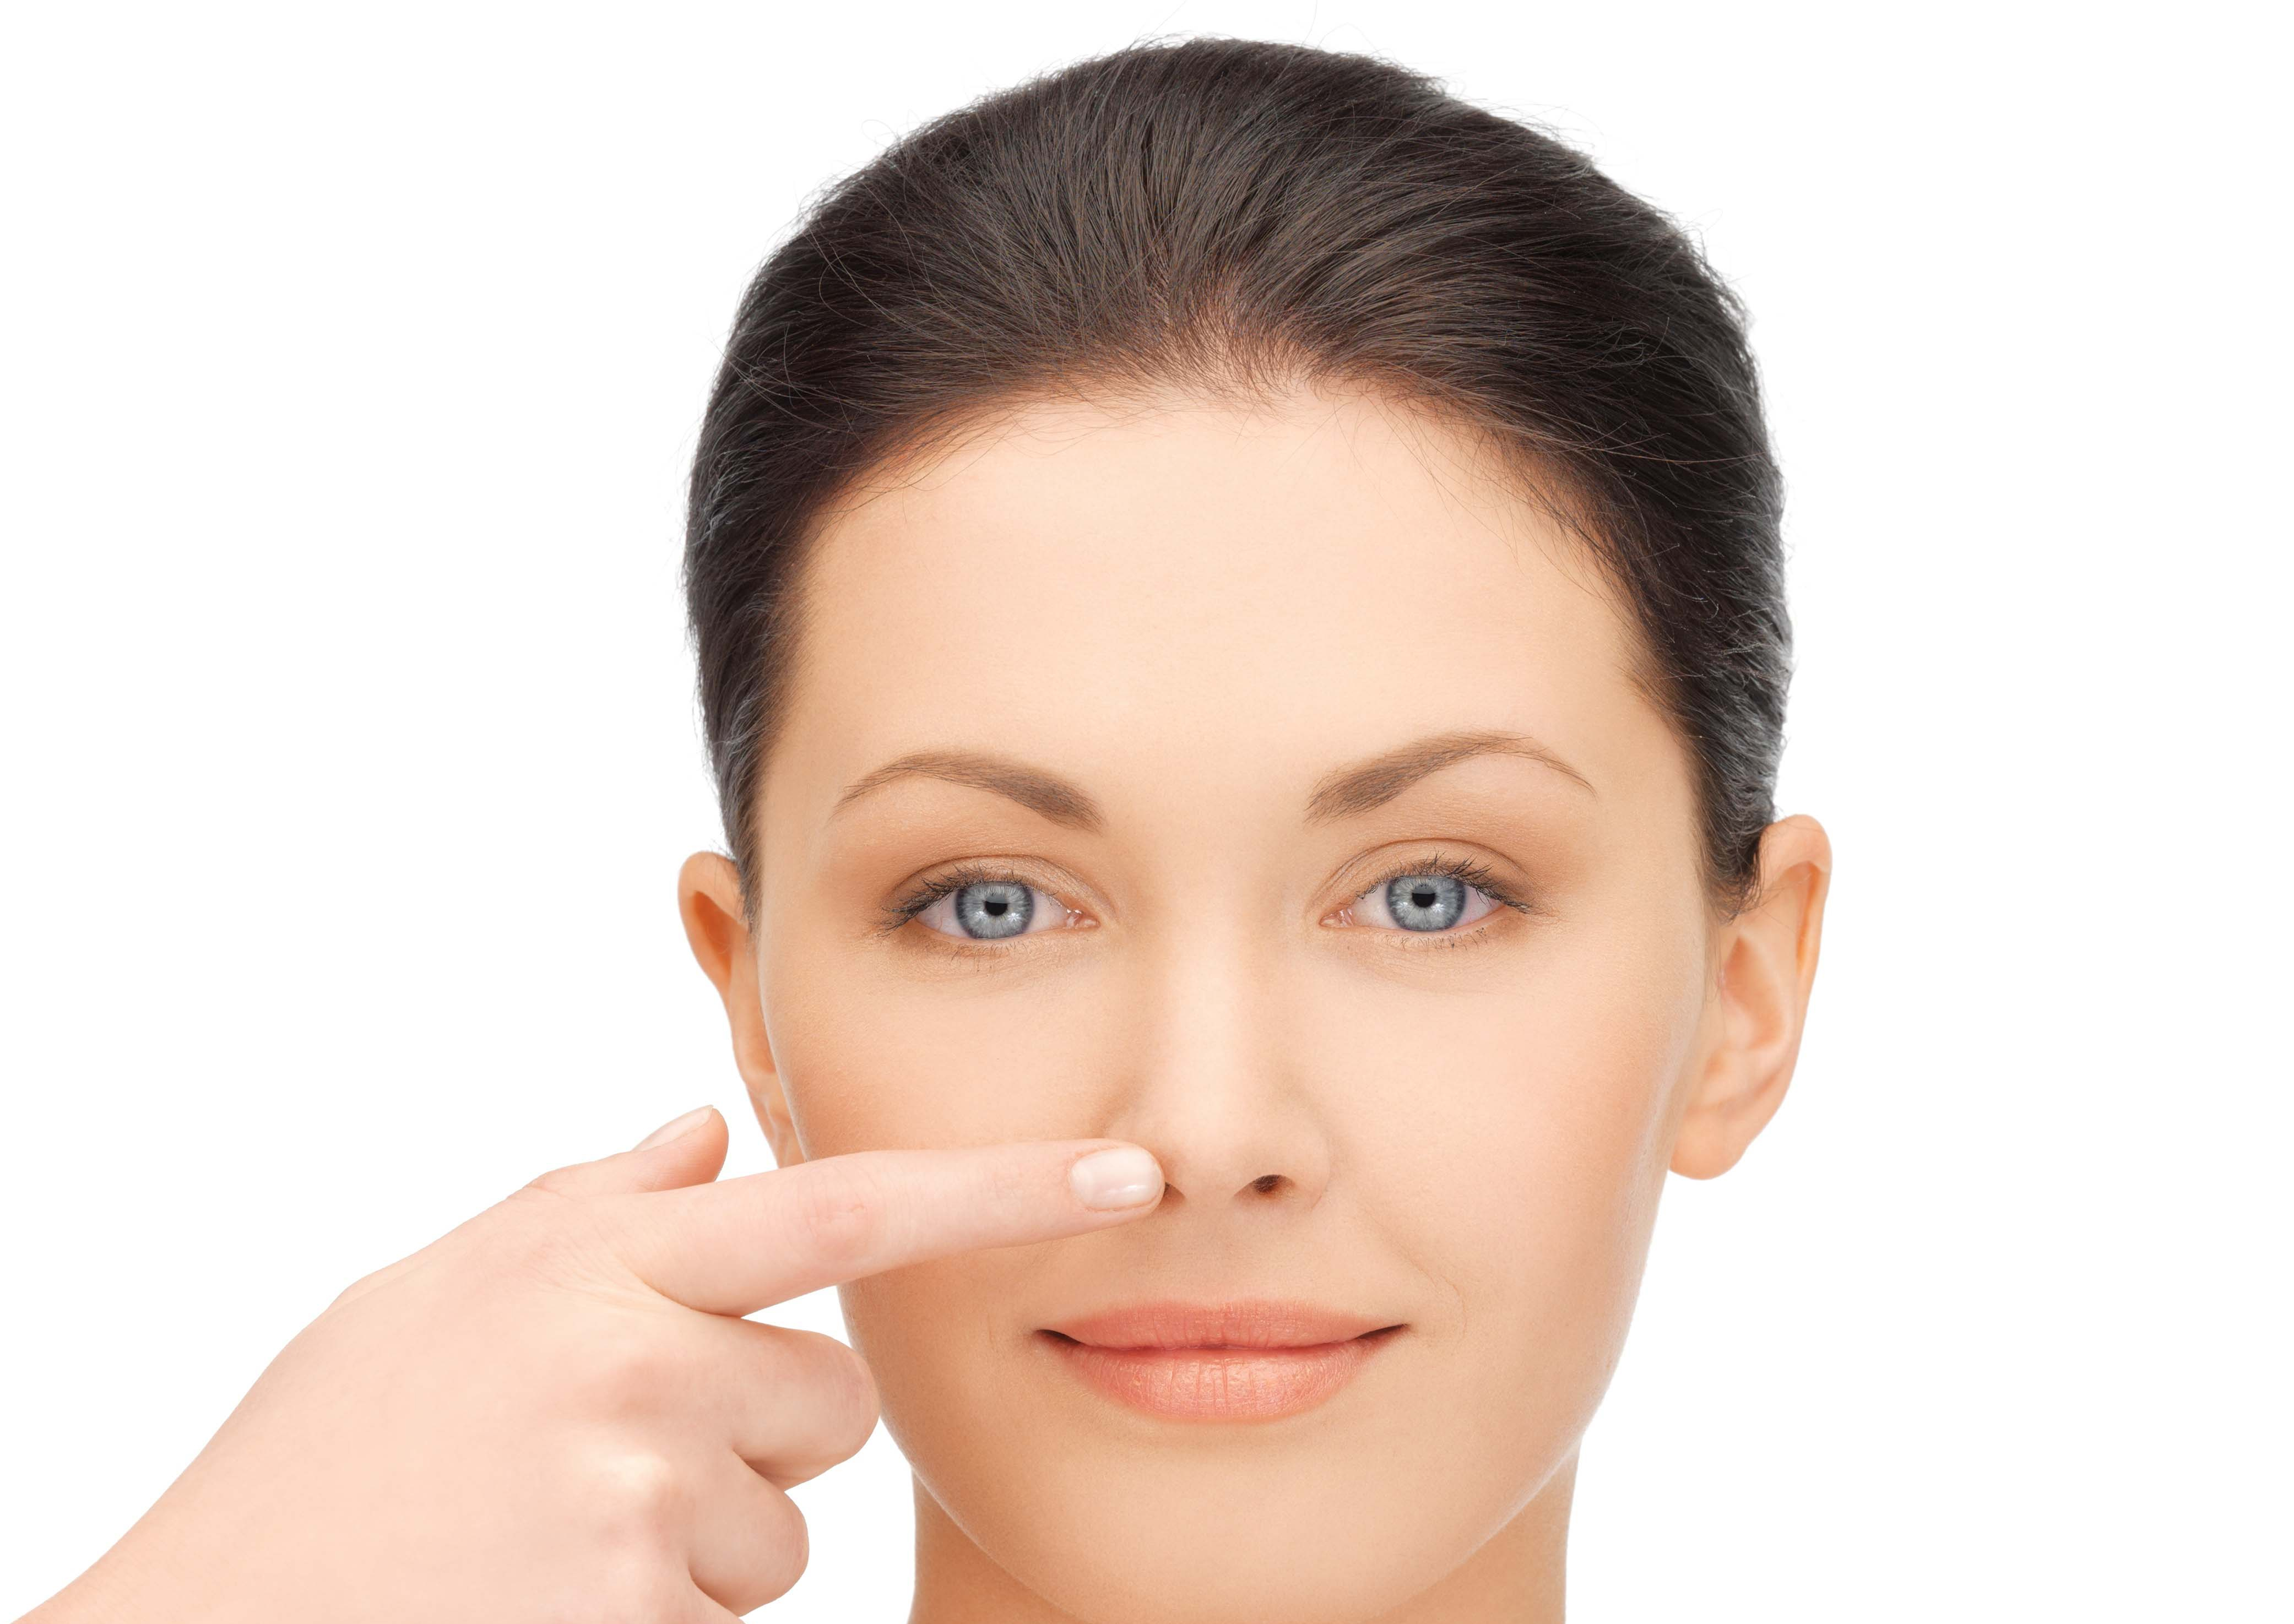 روشهای عمل جراحی زیبایی بینی